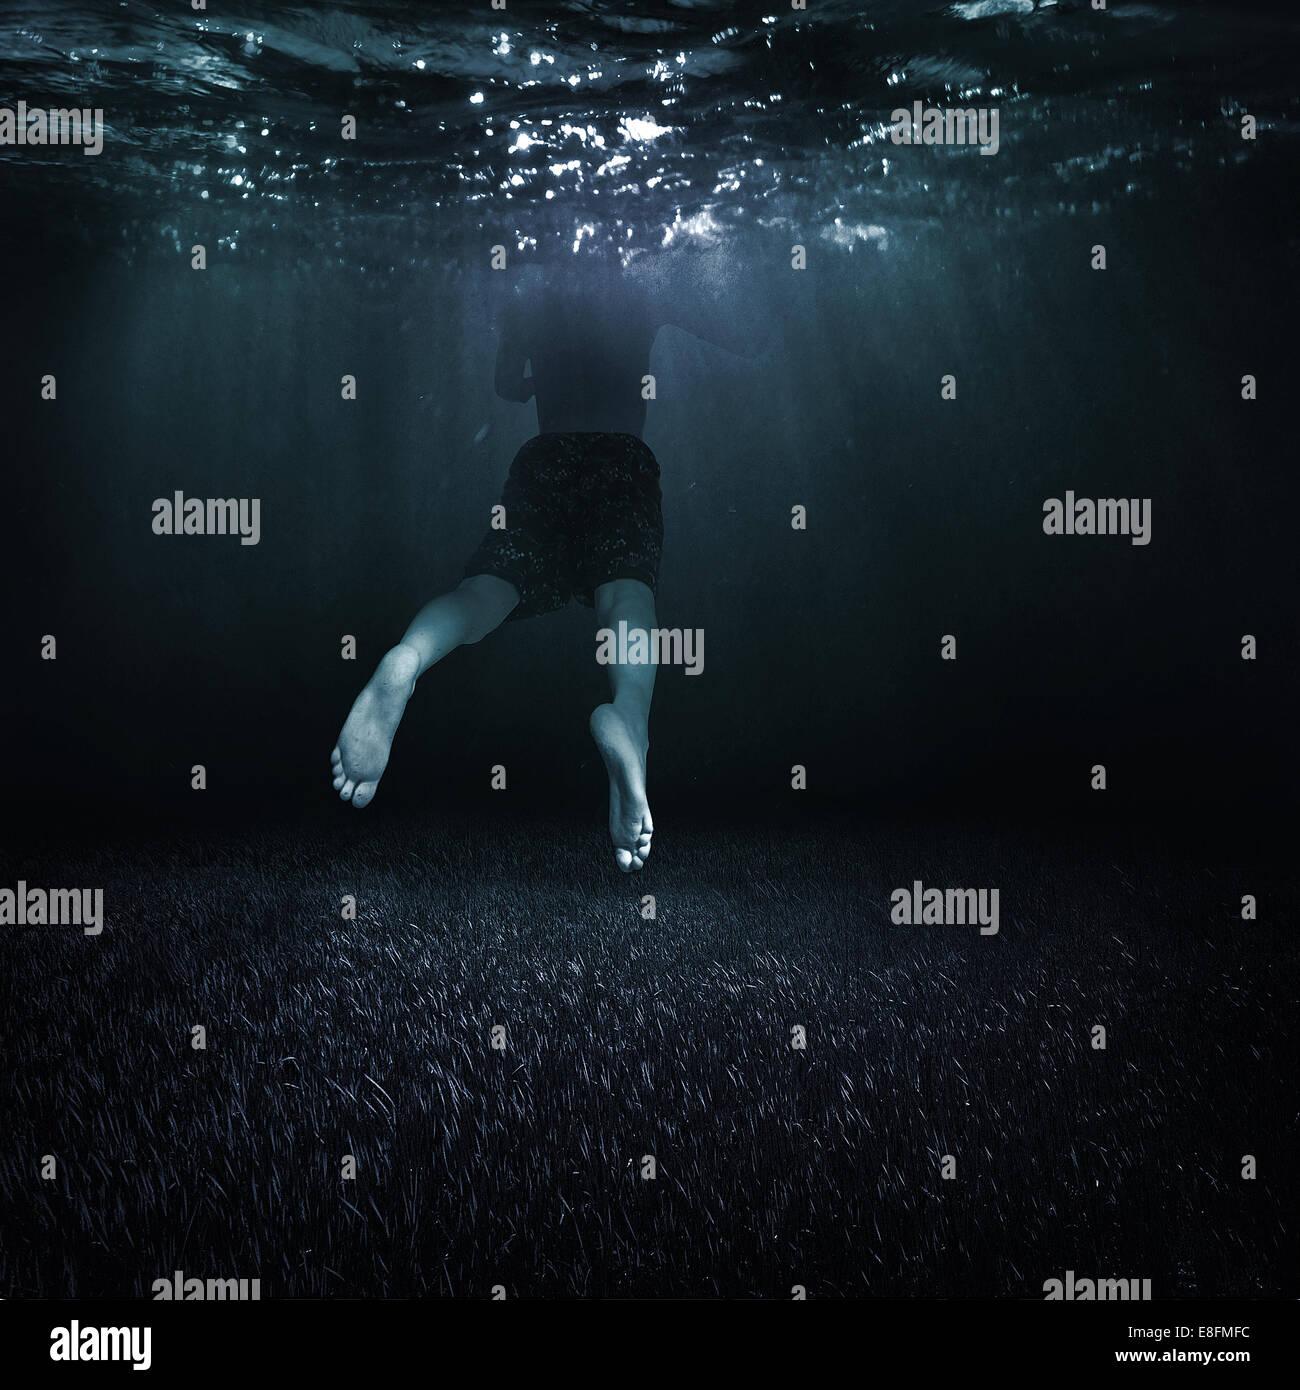 Kanada, British Columbia, Vancouver, Boy (10-11) Schwimmen im dunklen Wasser Stockbild